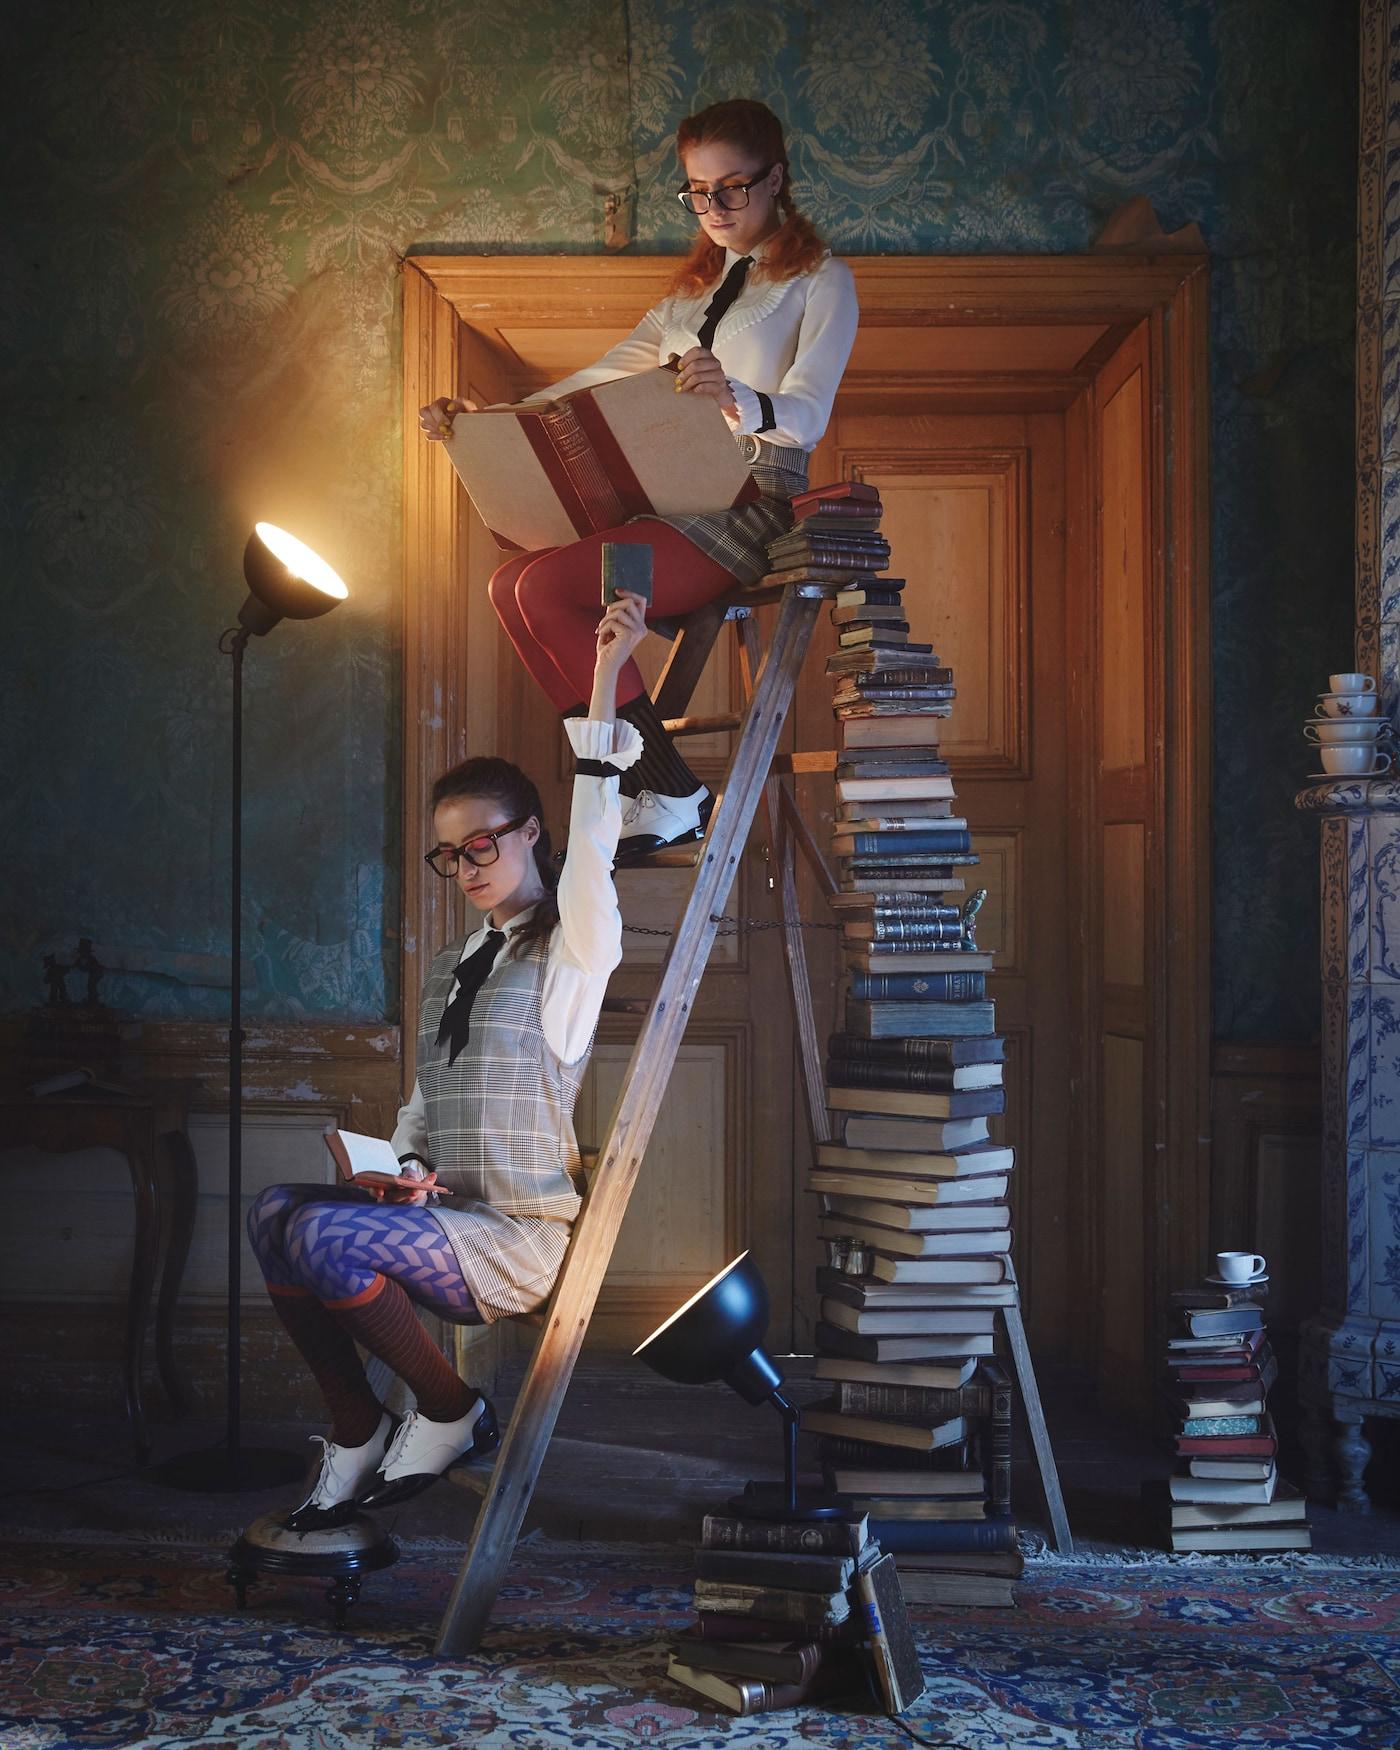 Lampe Exterieur Pour Tonnelle pour un automne lumineux - ikea suisse